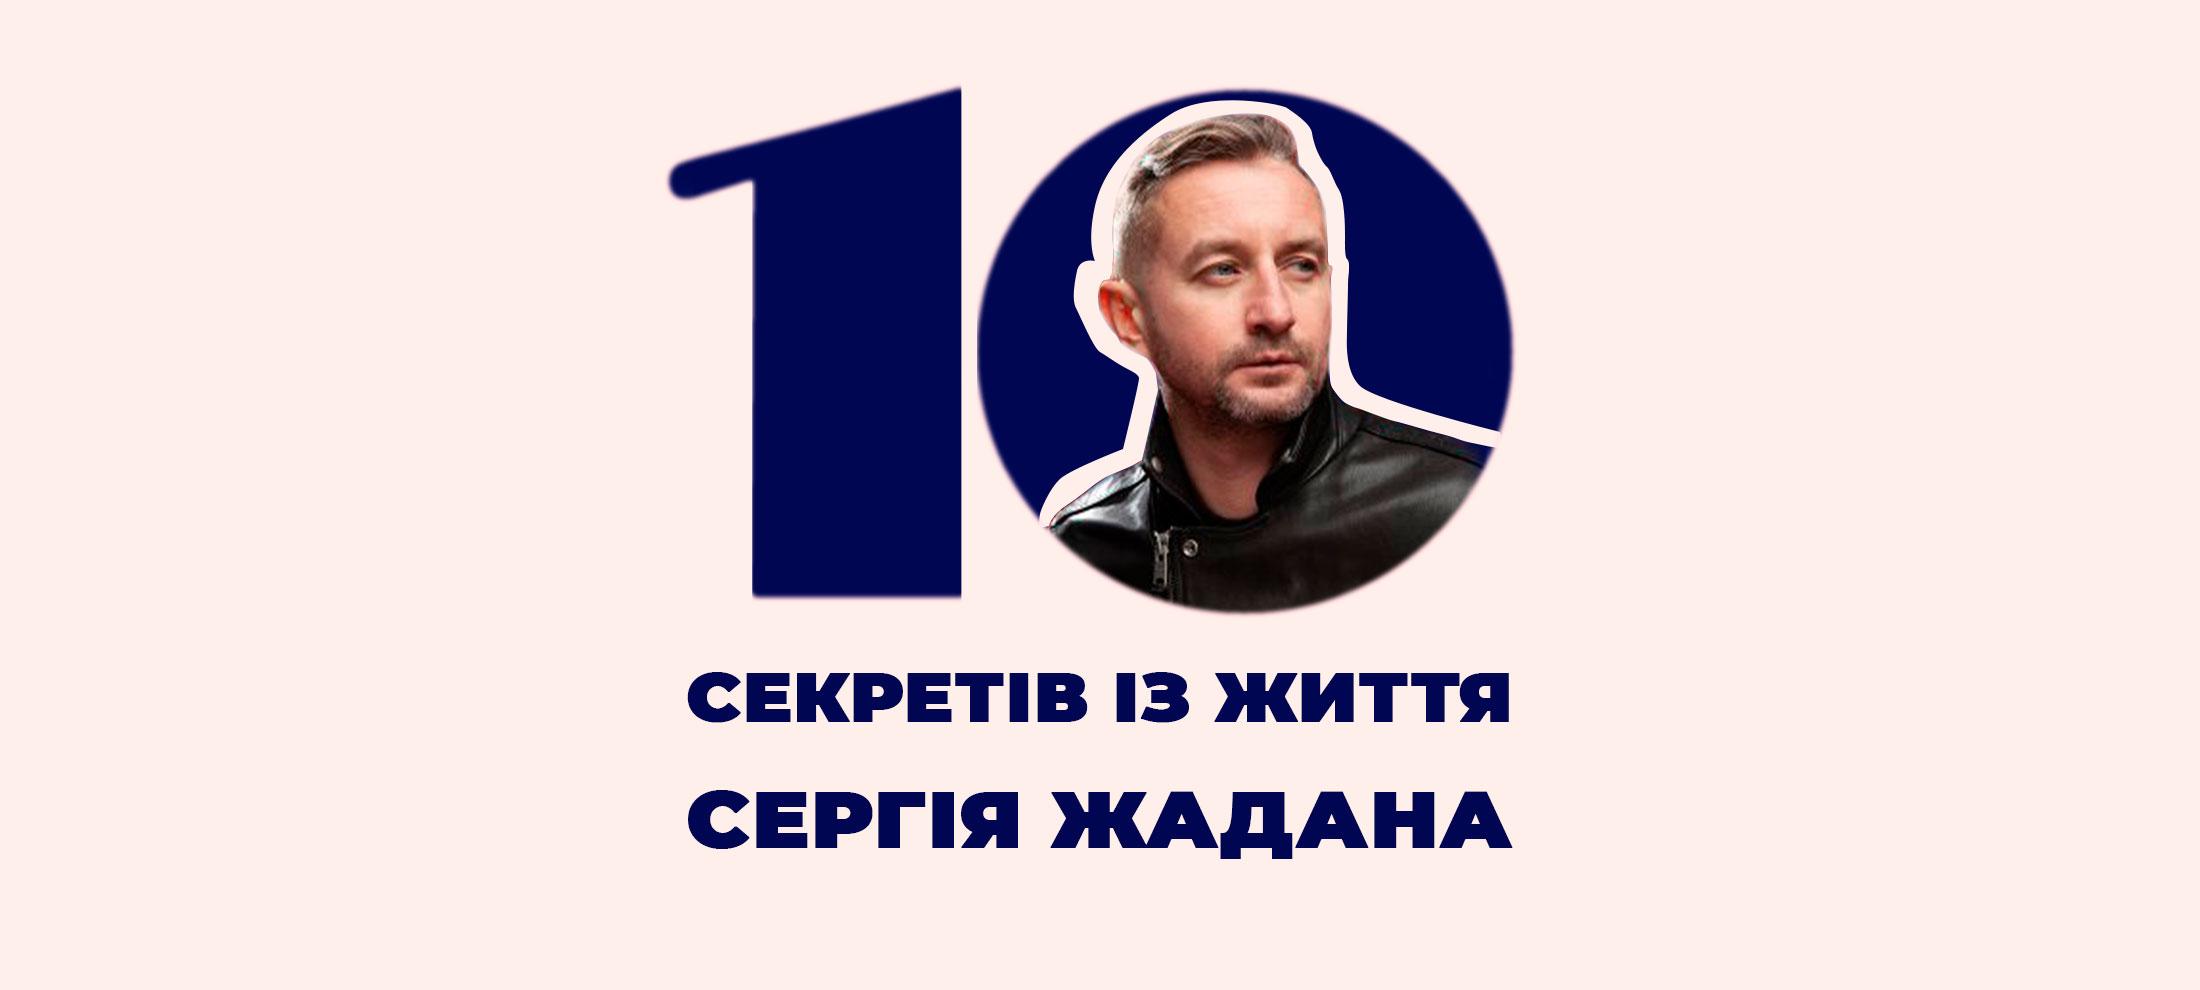 10 секретів із життя Сергія Жадана